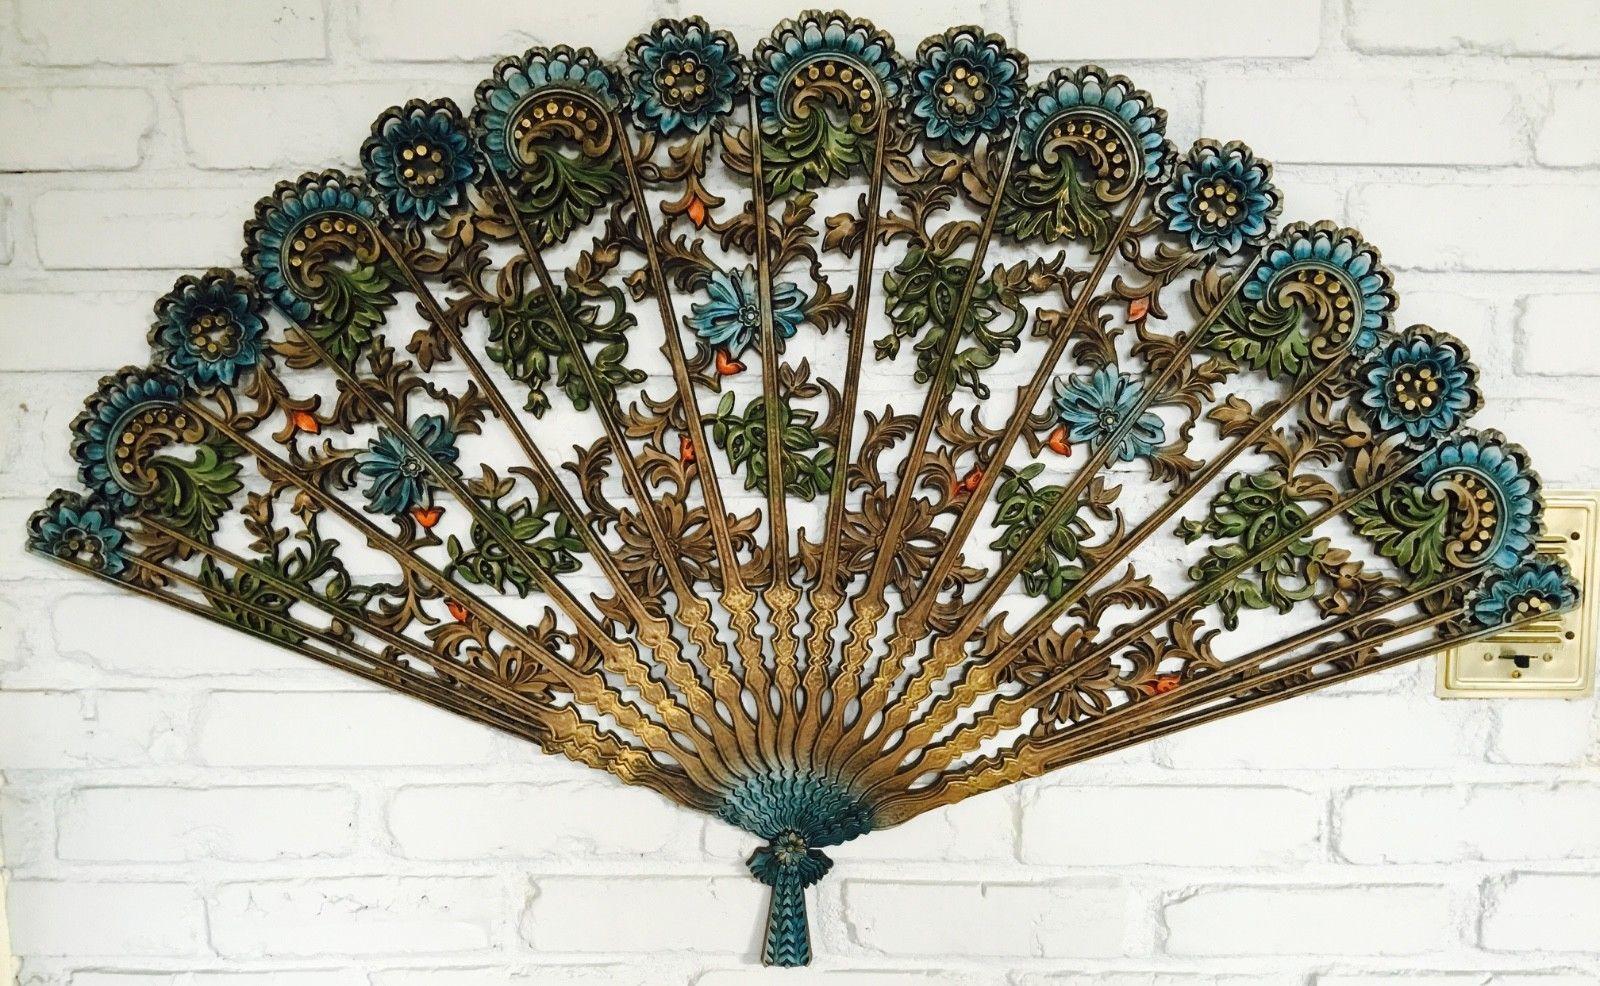 Vintage Burwood Ornate Fan Wall Decor Ebay Wall Fans Home